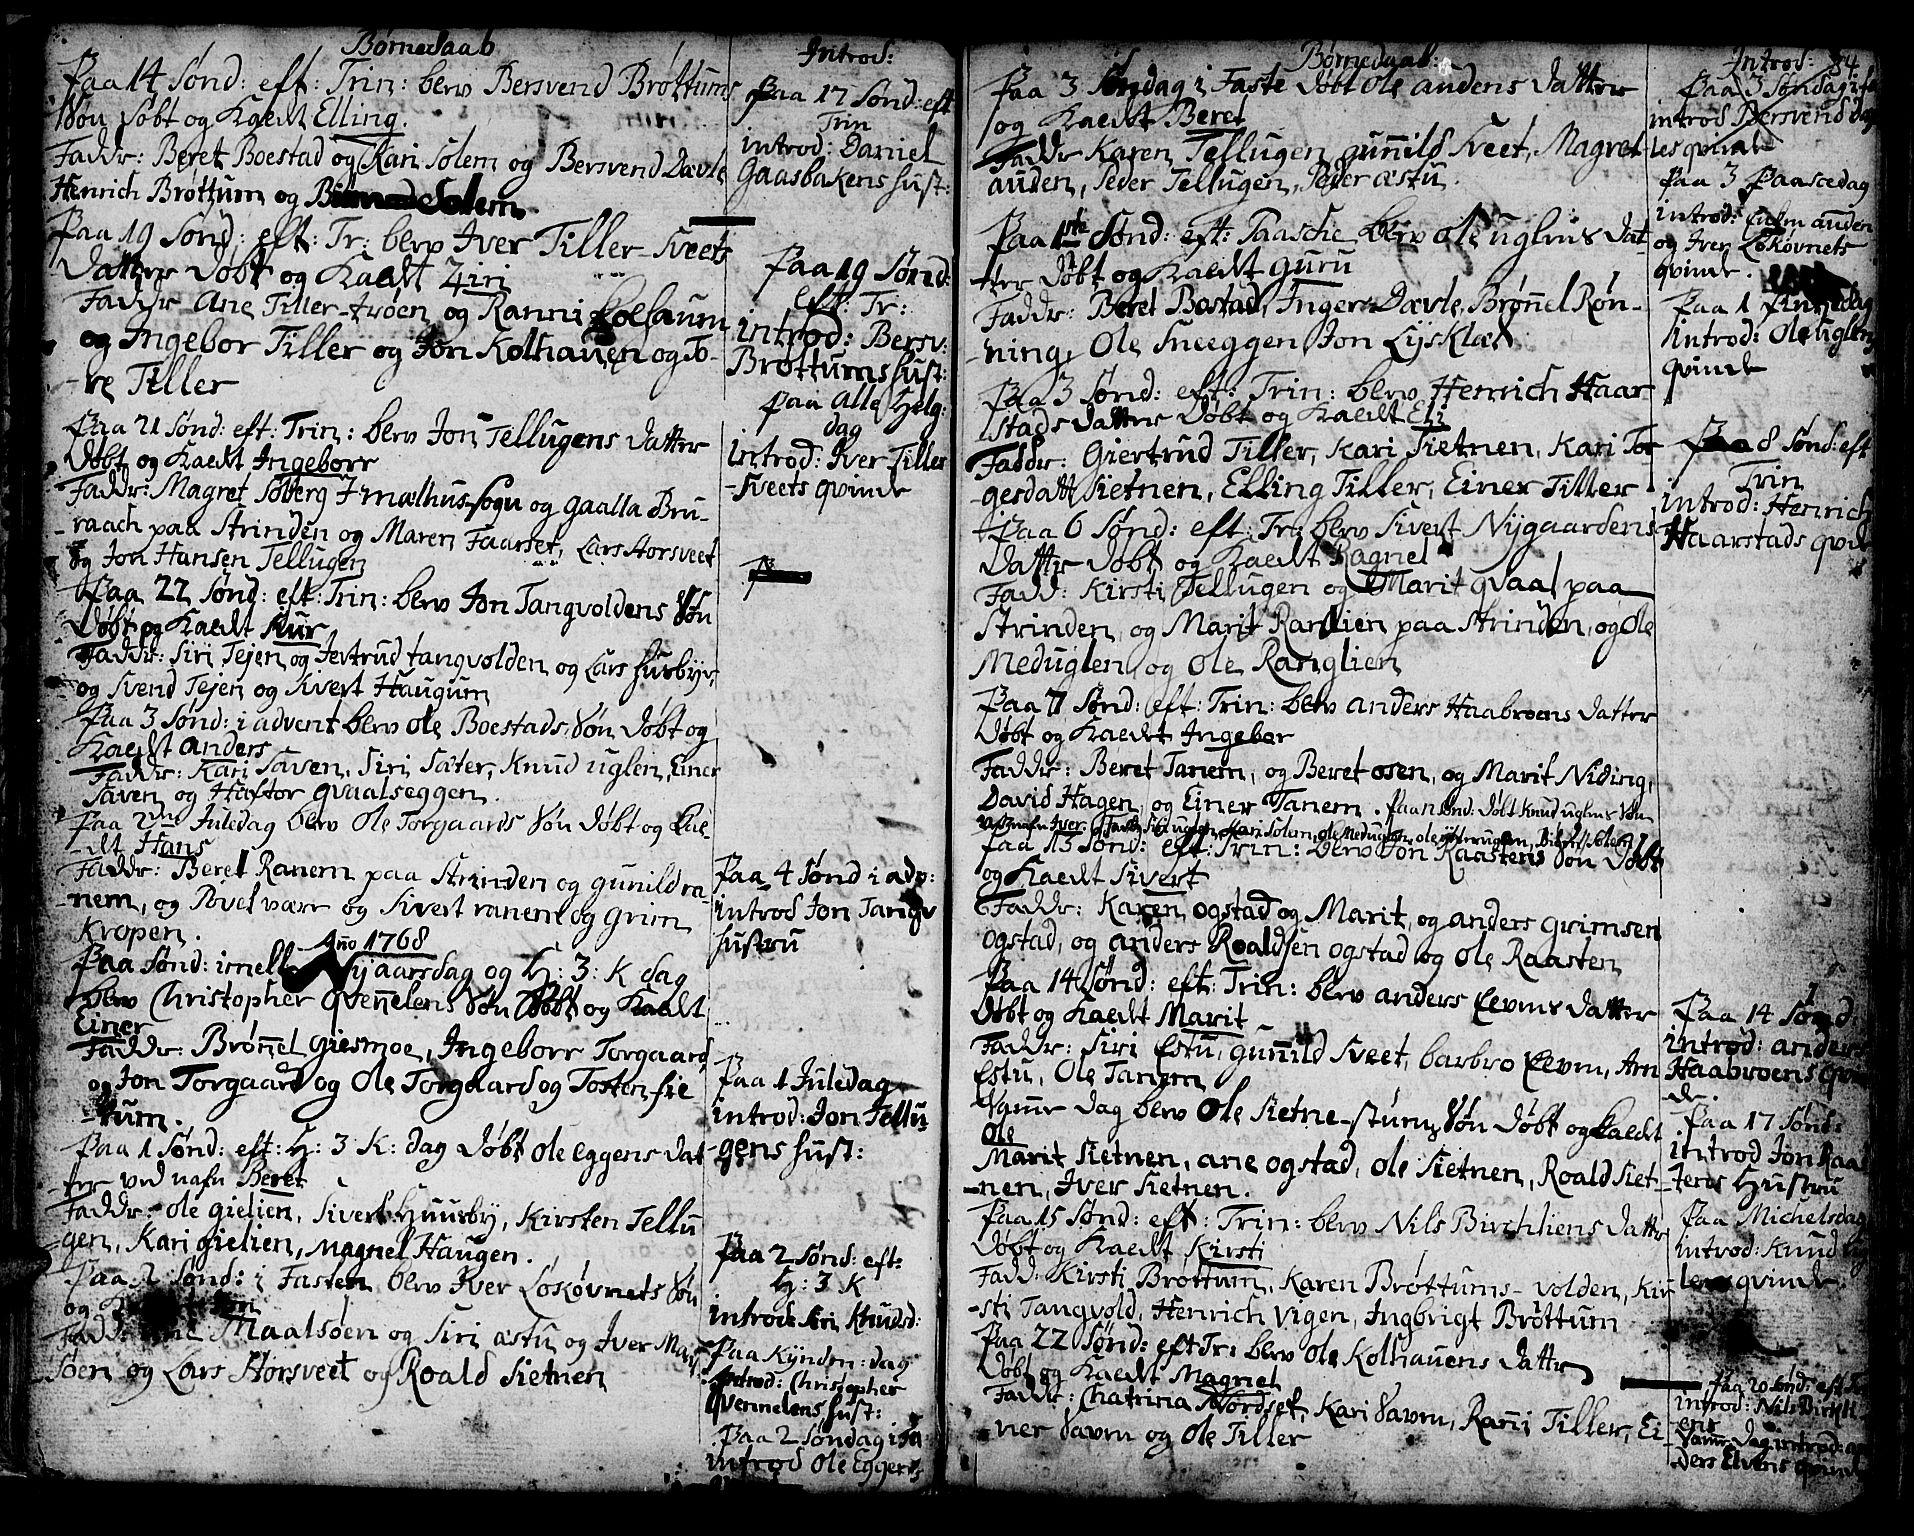 SAT, Ministerialprotokoller, klokkerbøker og fødselsregistre - Sør-Trøndelag, 618/L0437: Ministerialbok nr. 618A02, 1749-1782, s. 34